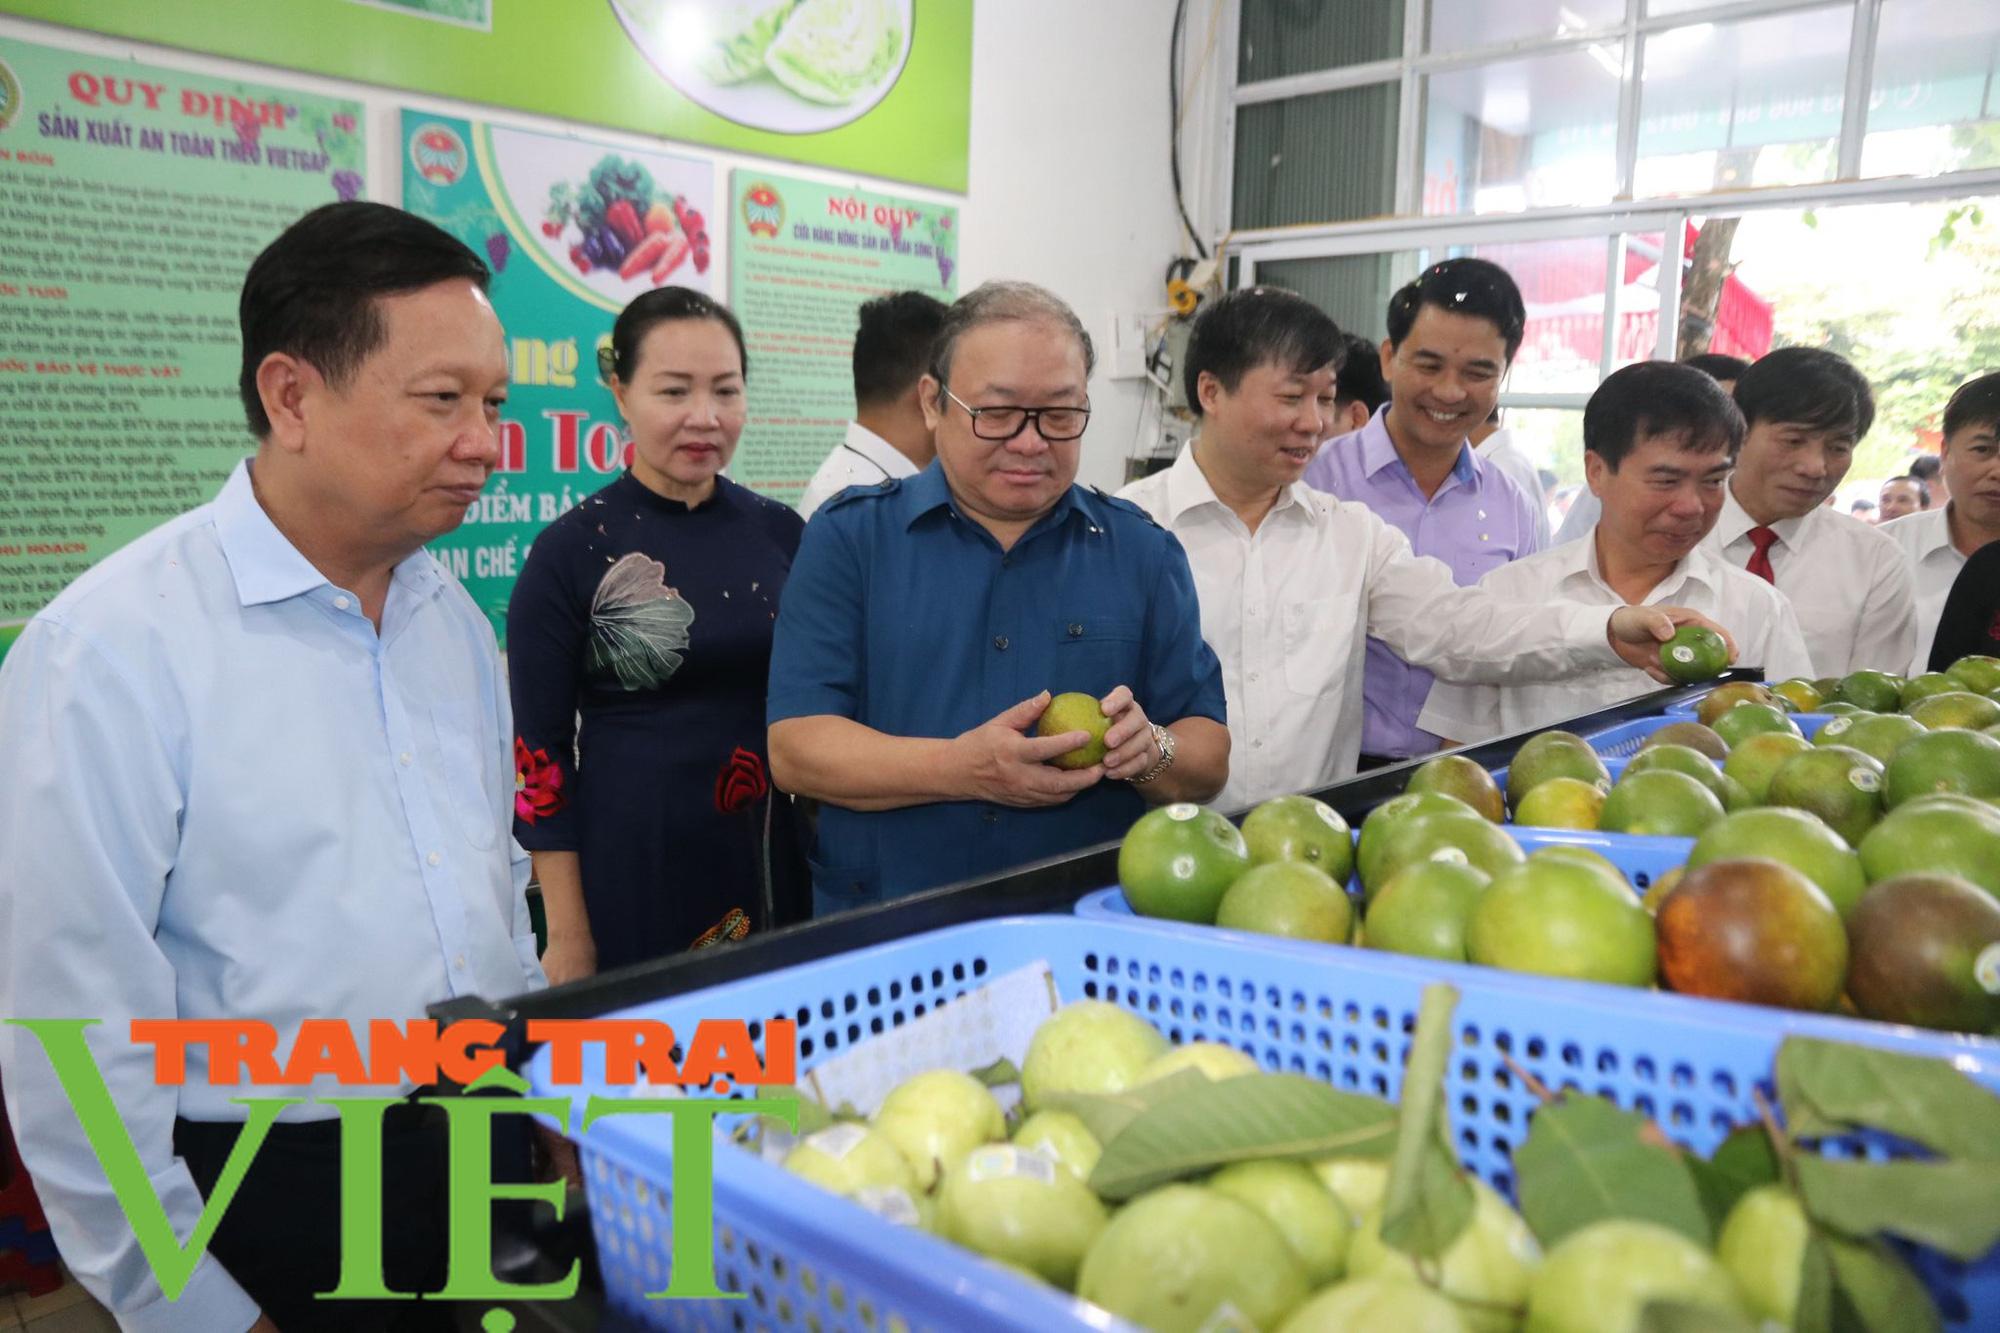 Gần 3,8 vạn nông dân tỉnh Hòa Bình đạt danh hiệu sản xuất, kinh doanh giỏi - Ảnh 2.